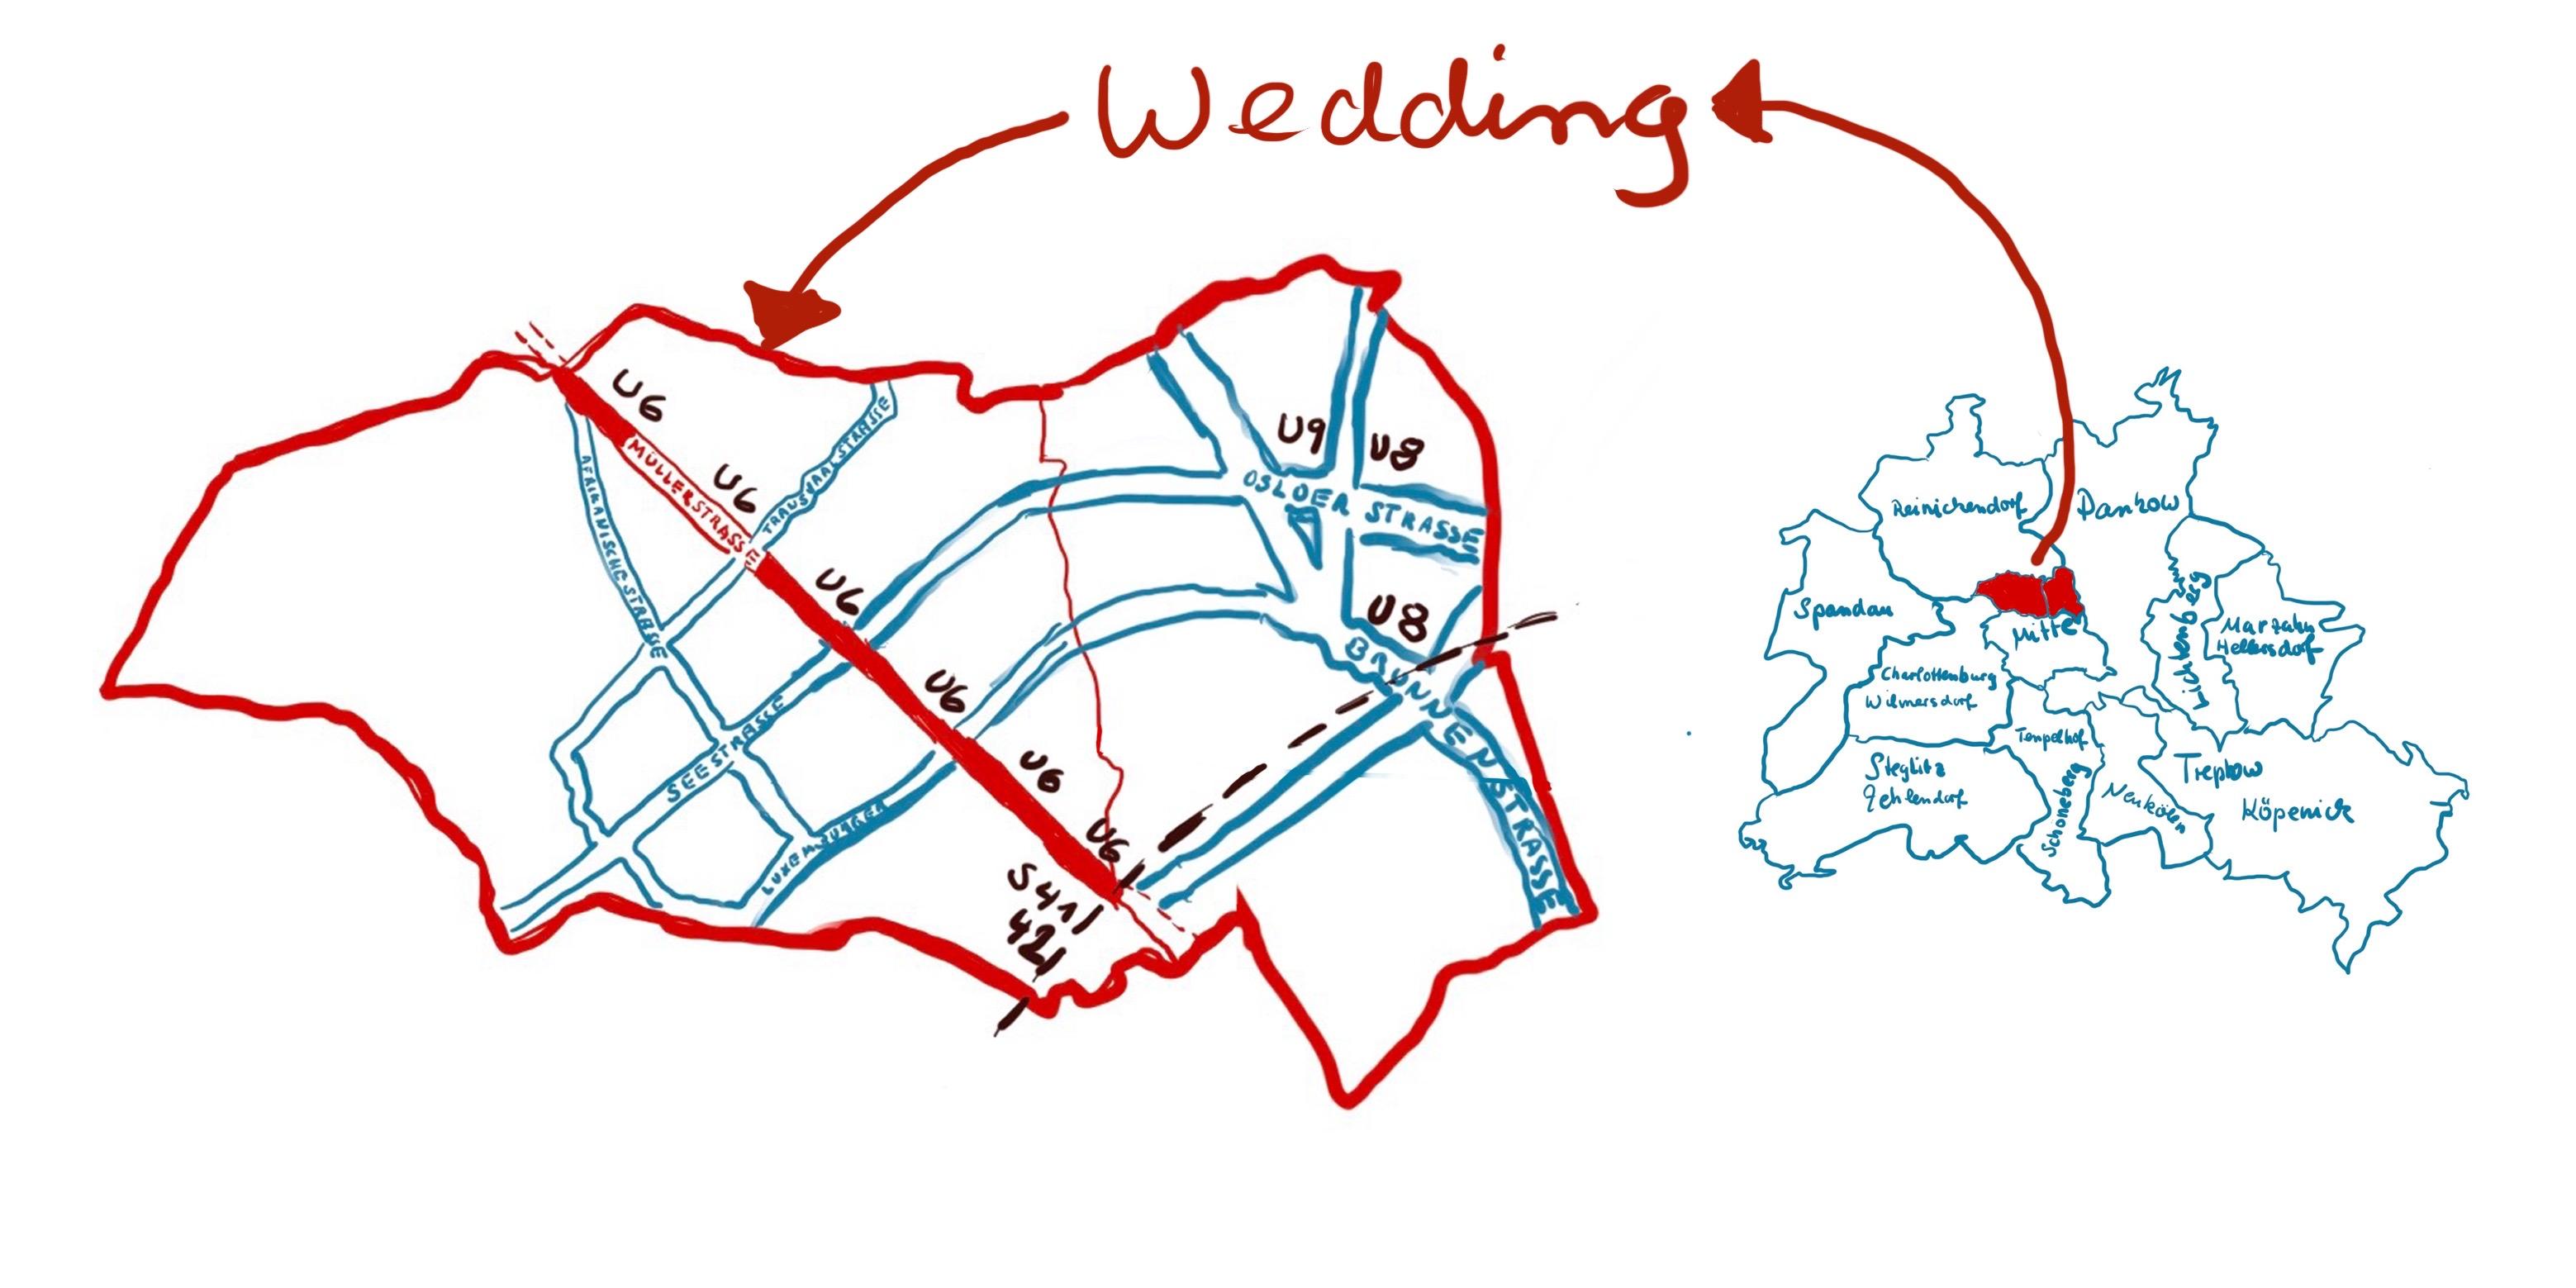 SO 65 - Eine kleine Karte vom Wedding (c) Susanne Haun